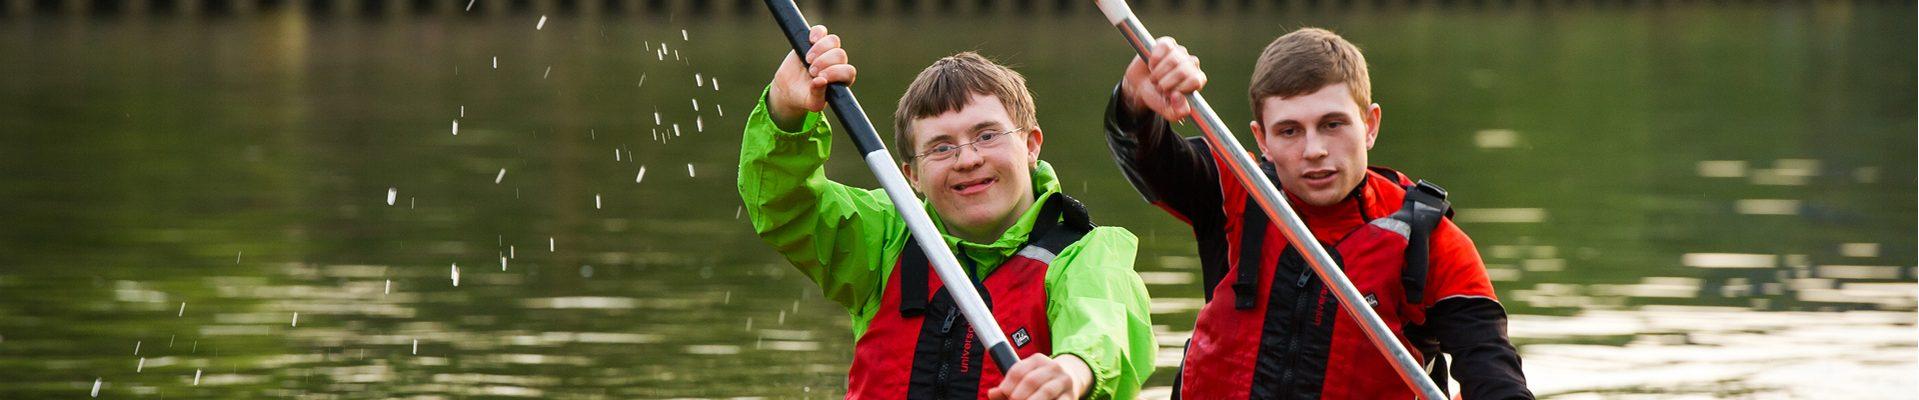 Headerbild Inklusion im Sport: Behinderter und Nicht-Behinderter paddeln gemeinsam in einem Boot